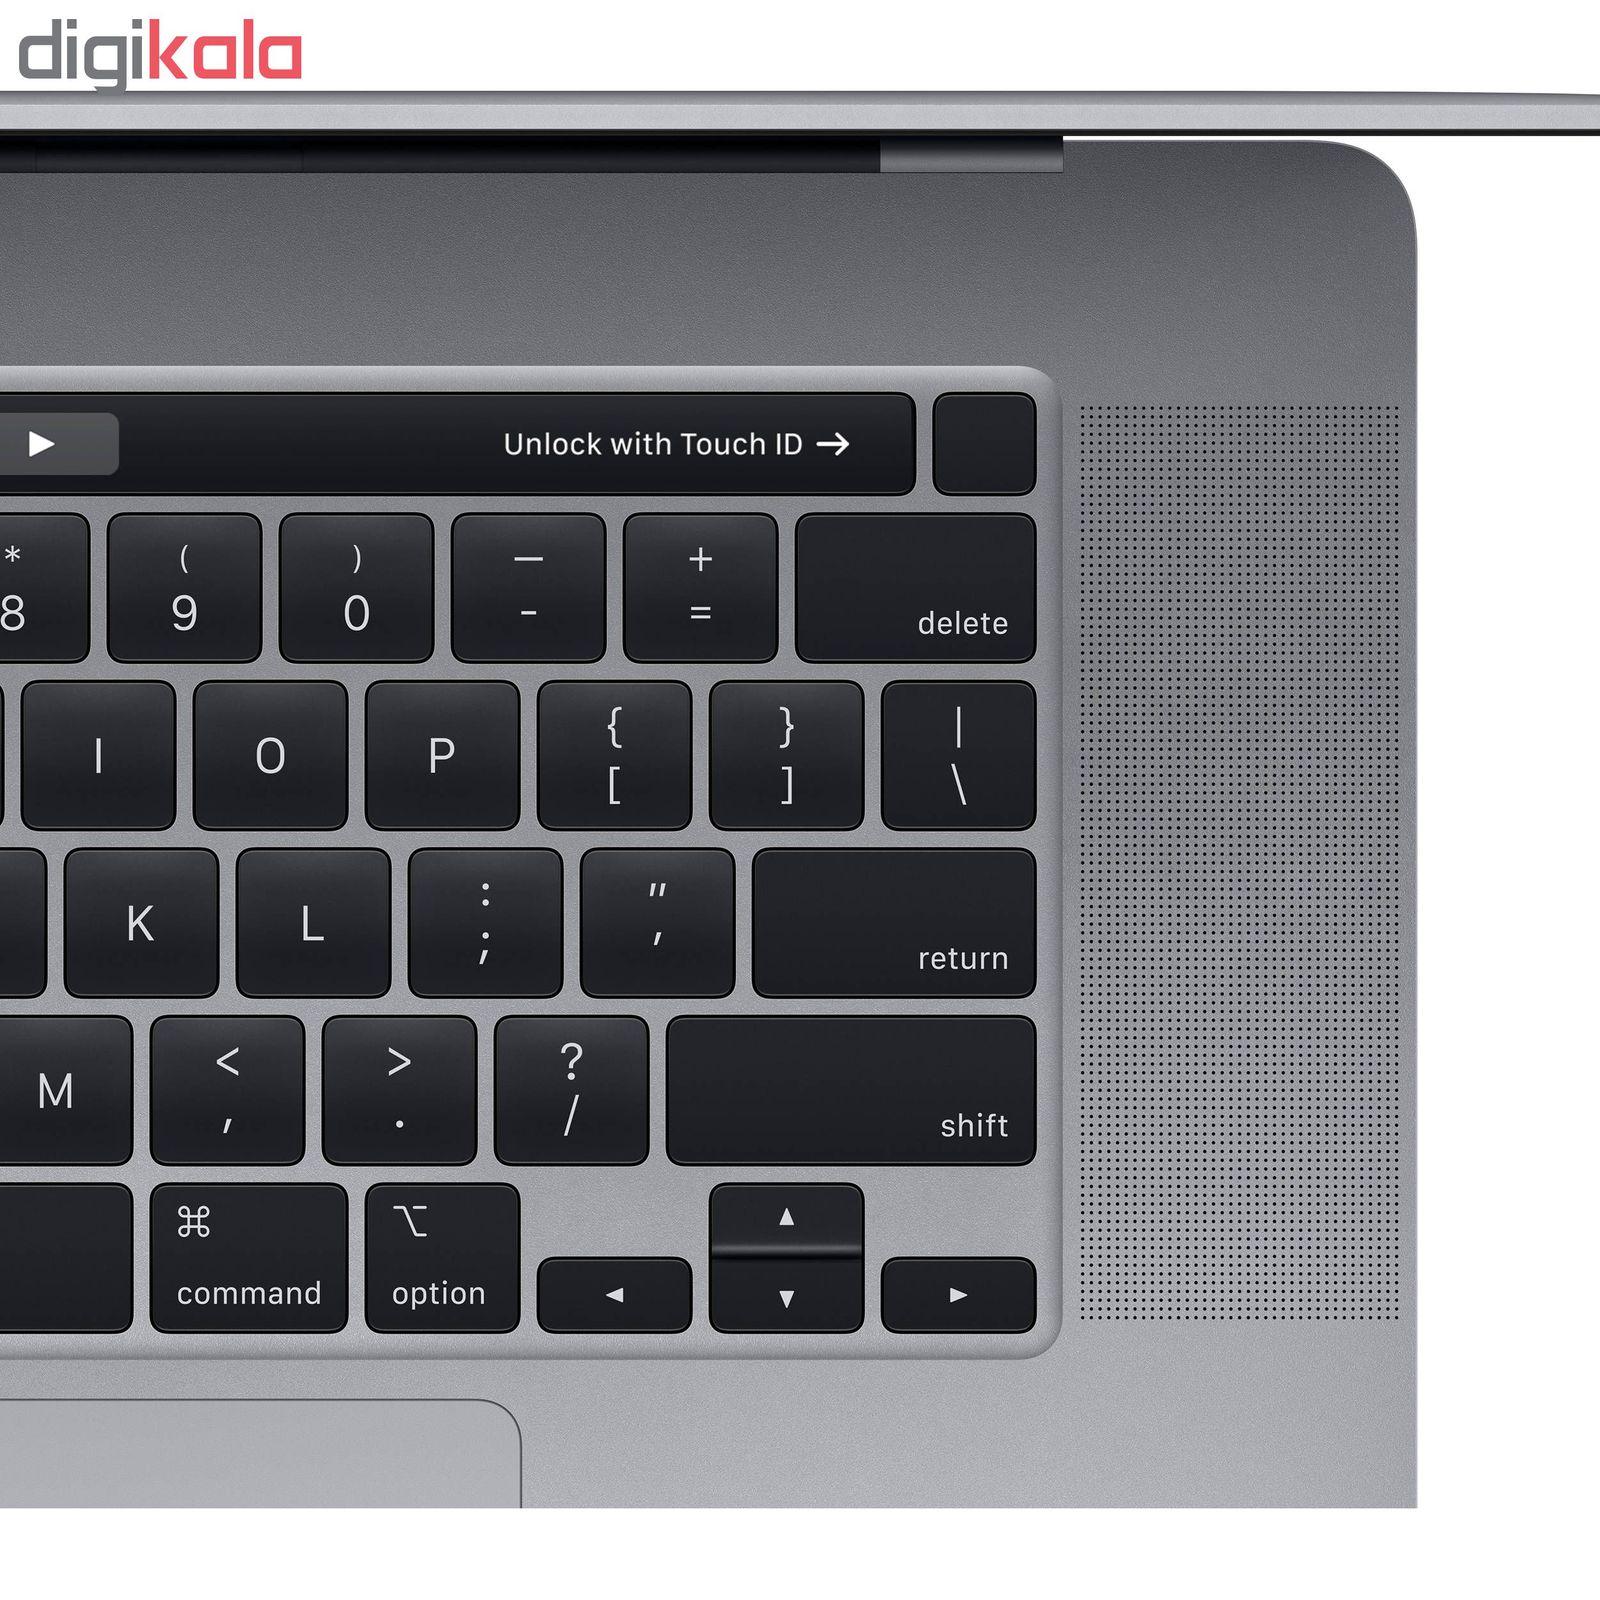 لپ تاپ 16 اینچی اپل مدل MacBook Pro MVVJ2 2019 همراه با تاچ بار main 1 4